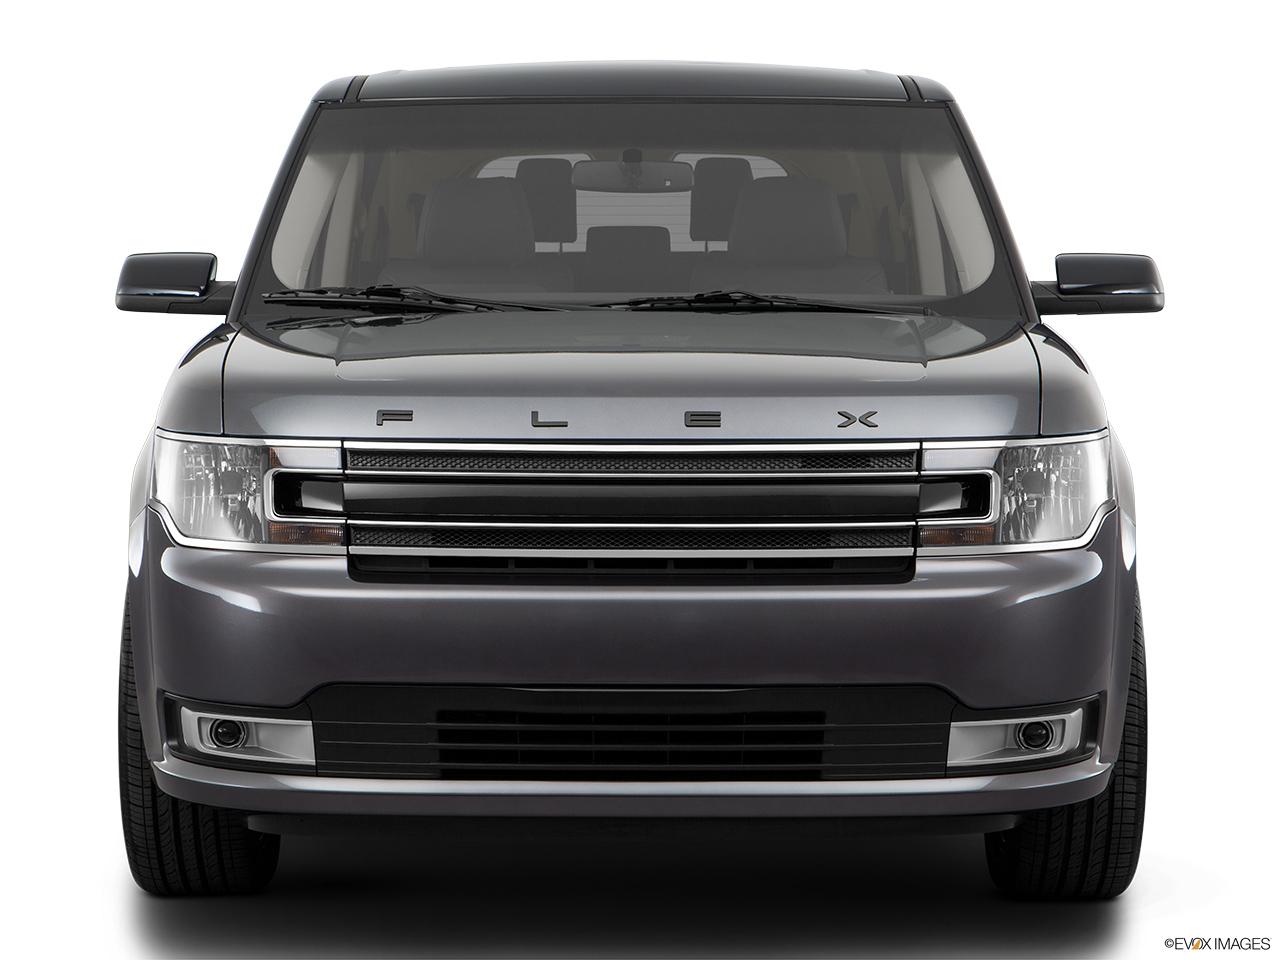 car features list for ford flex 2017 3 5l se uae yallamotor. Black Bedroom Furniture Sets. Home Design Ideas